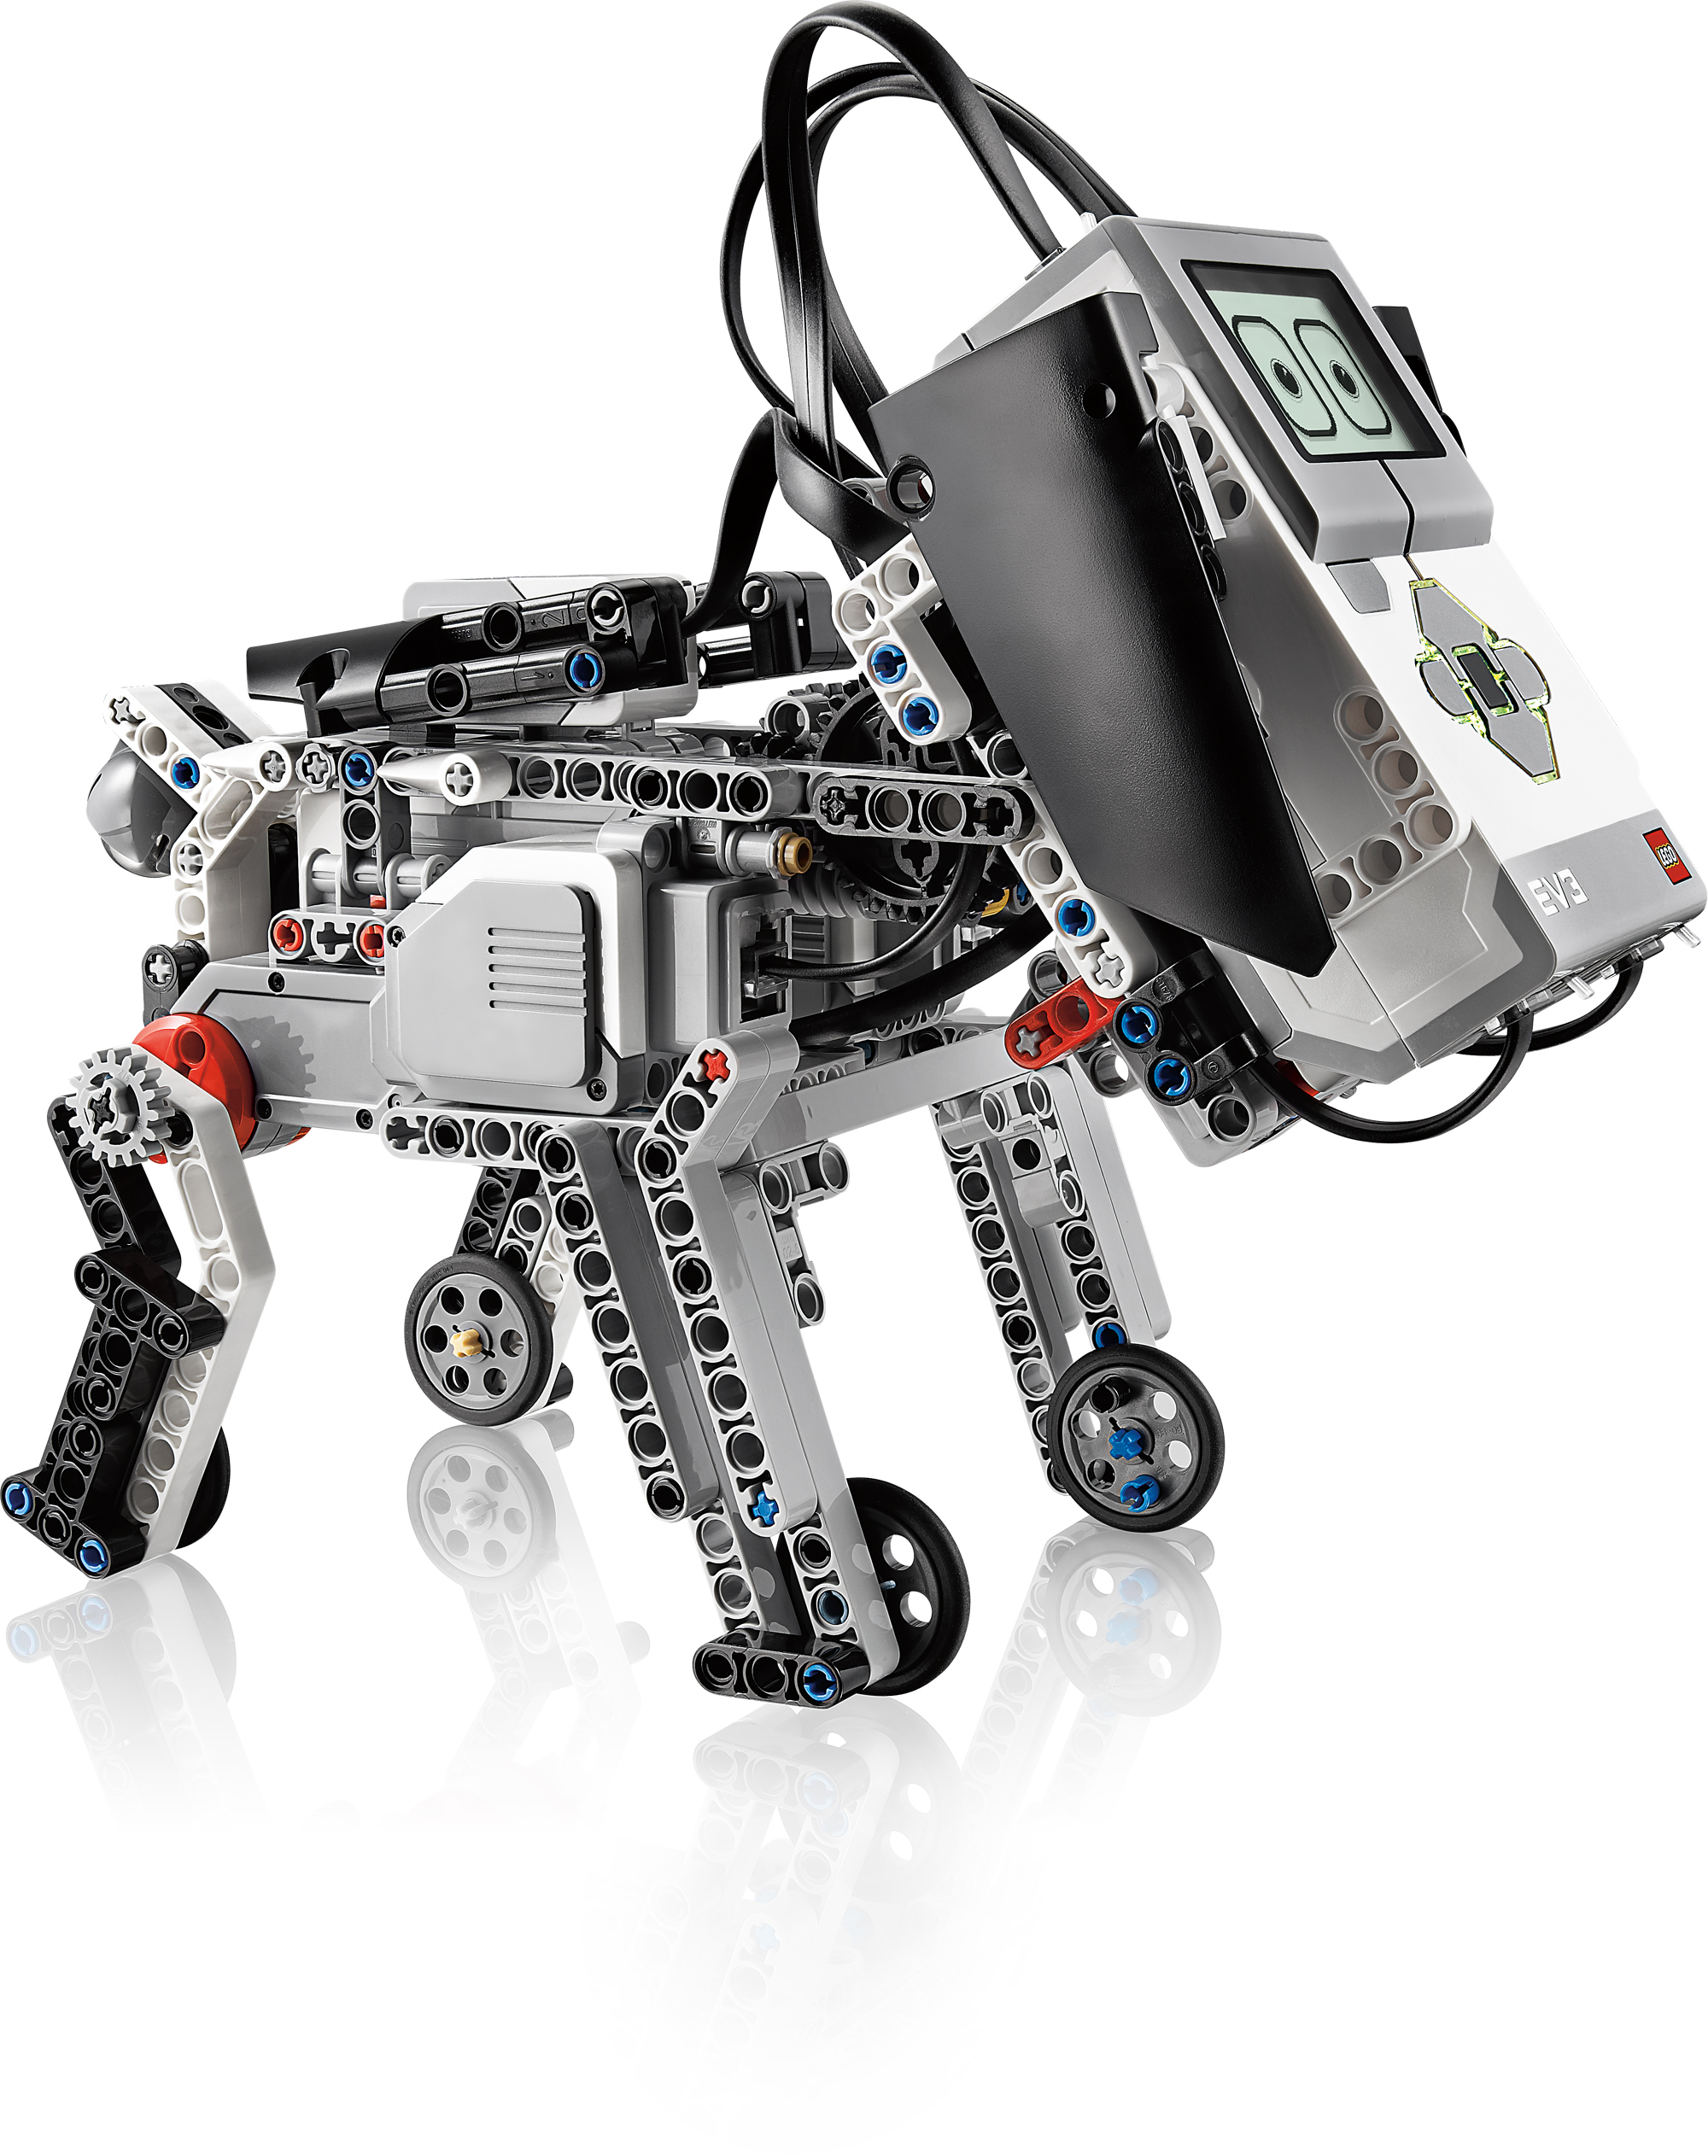 Lego Mindstorms EV3: Neue Roboterplattform von Lego - Lego Mindstorms EV3: Puppy